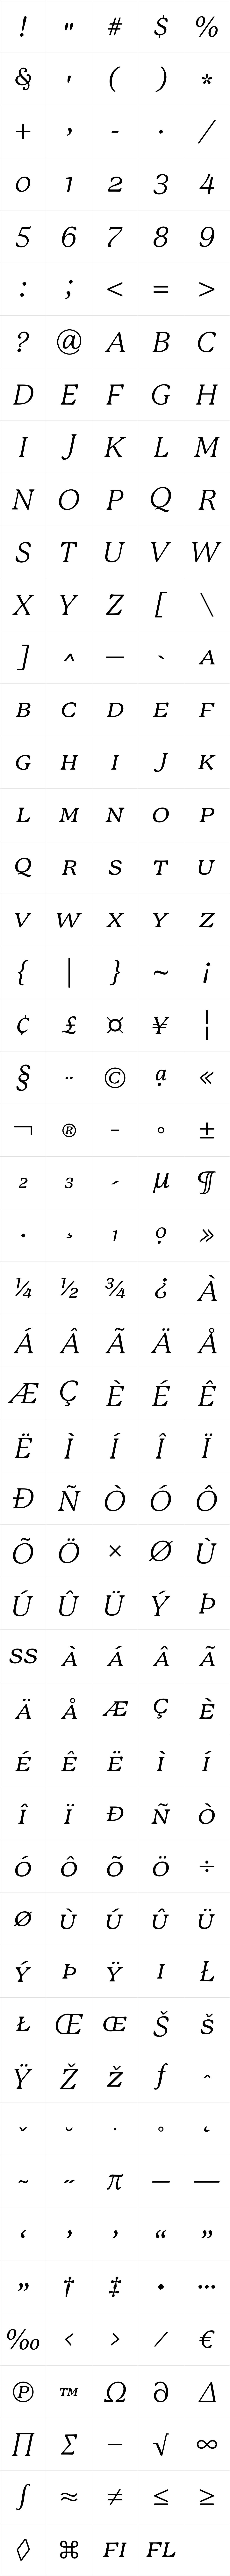 P22 Mackinac Book Italic SC